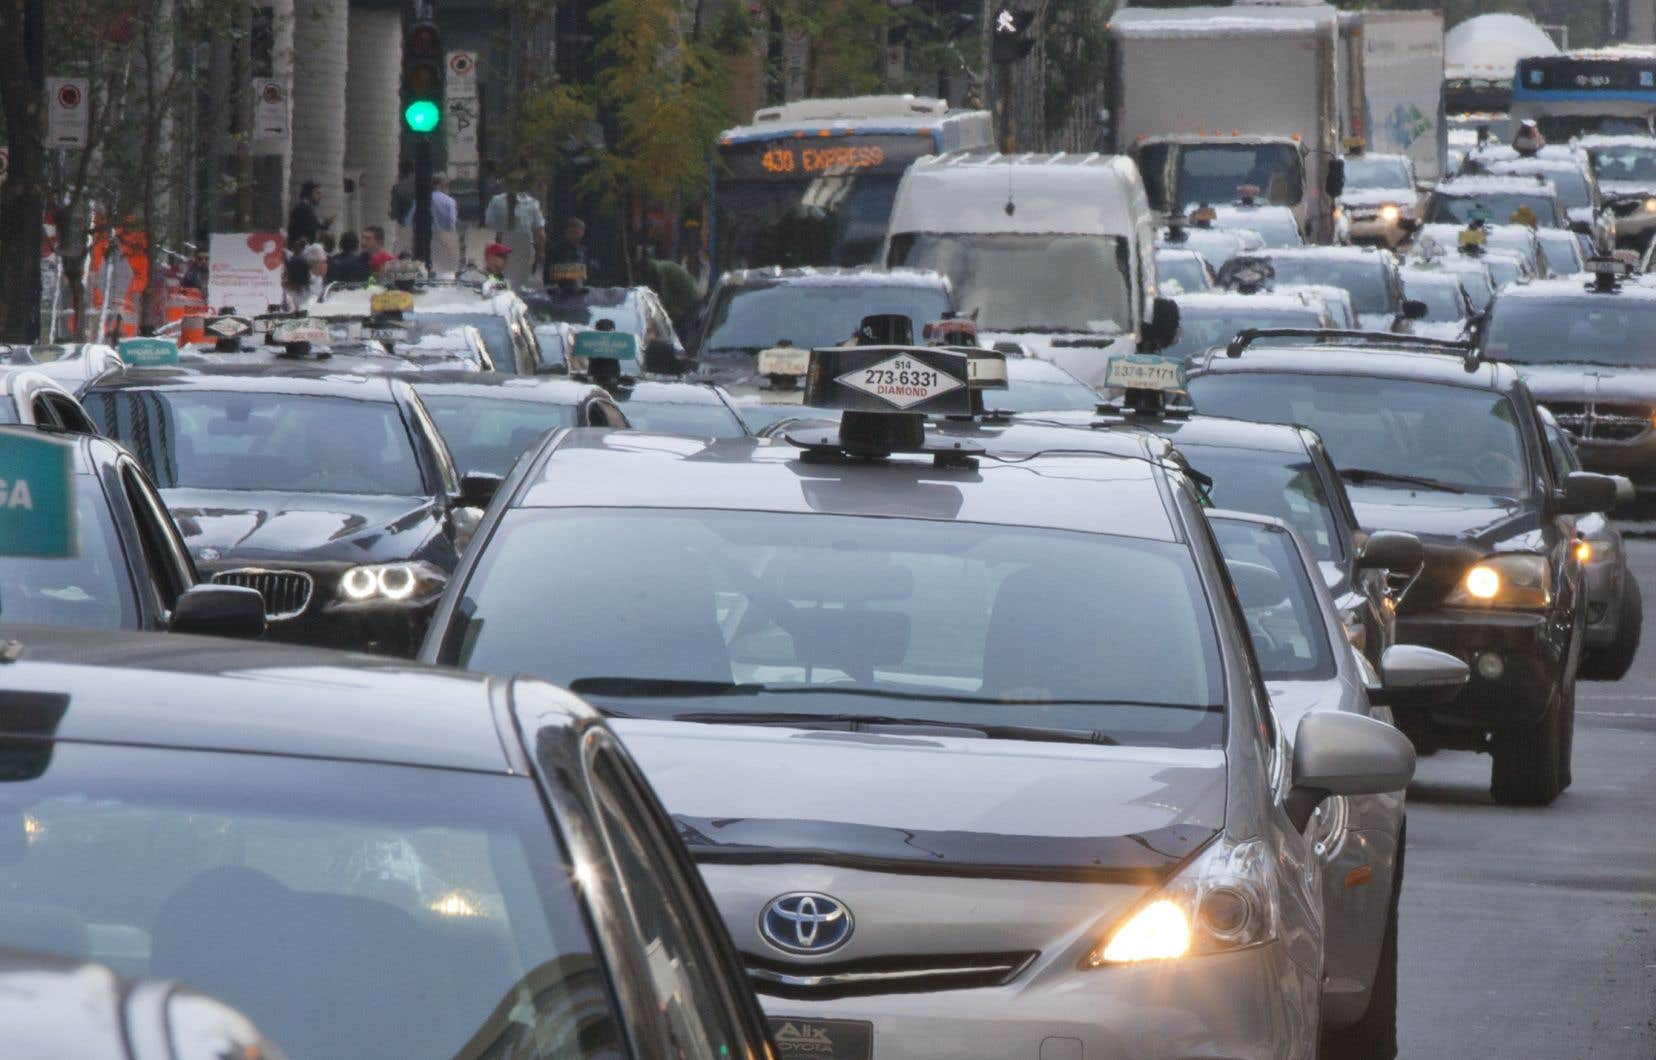 Le projet pilote avec Uber se termine lundi et le gouvernement veut faire adopter son projet de loi sur le taxi avant cette échéance.